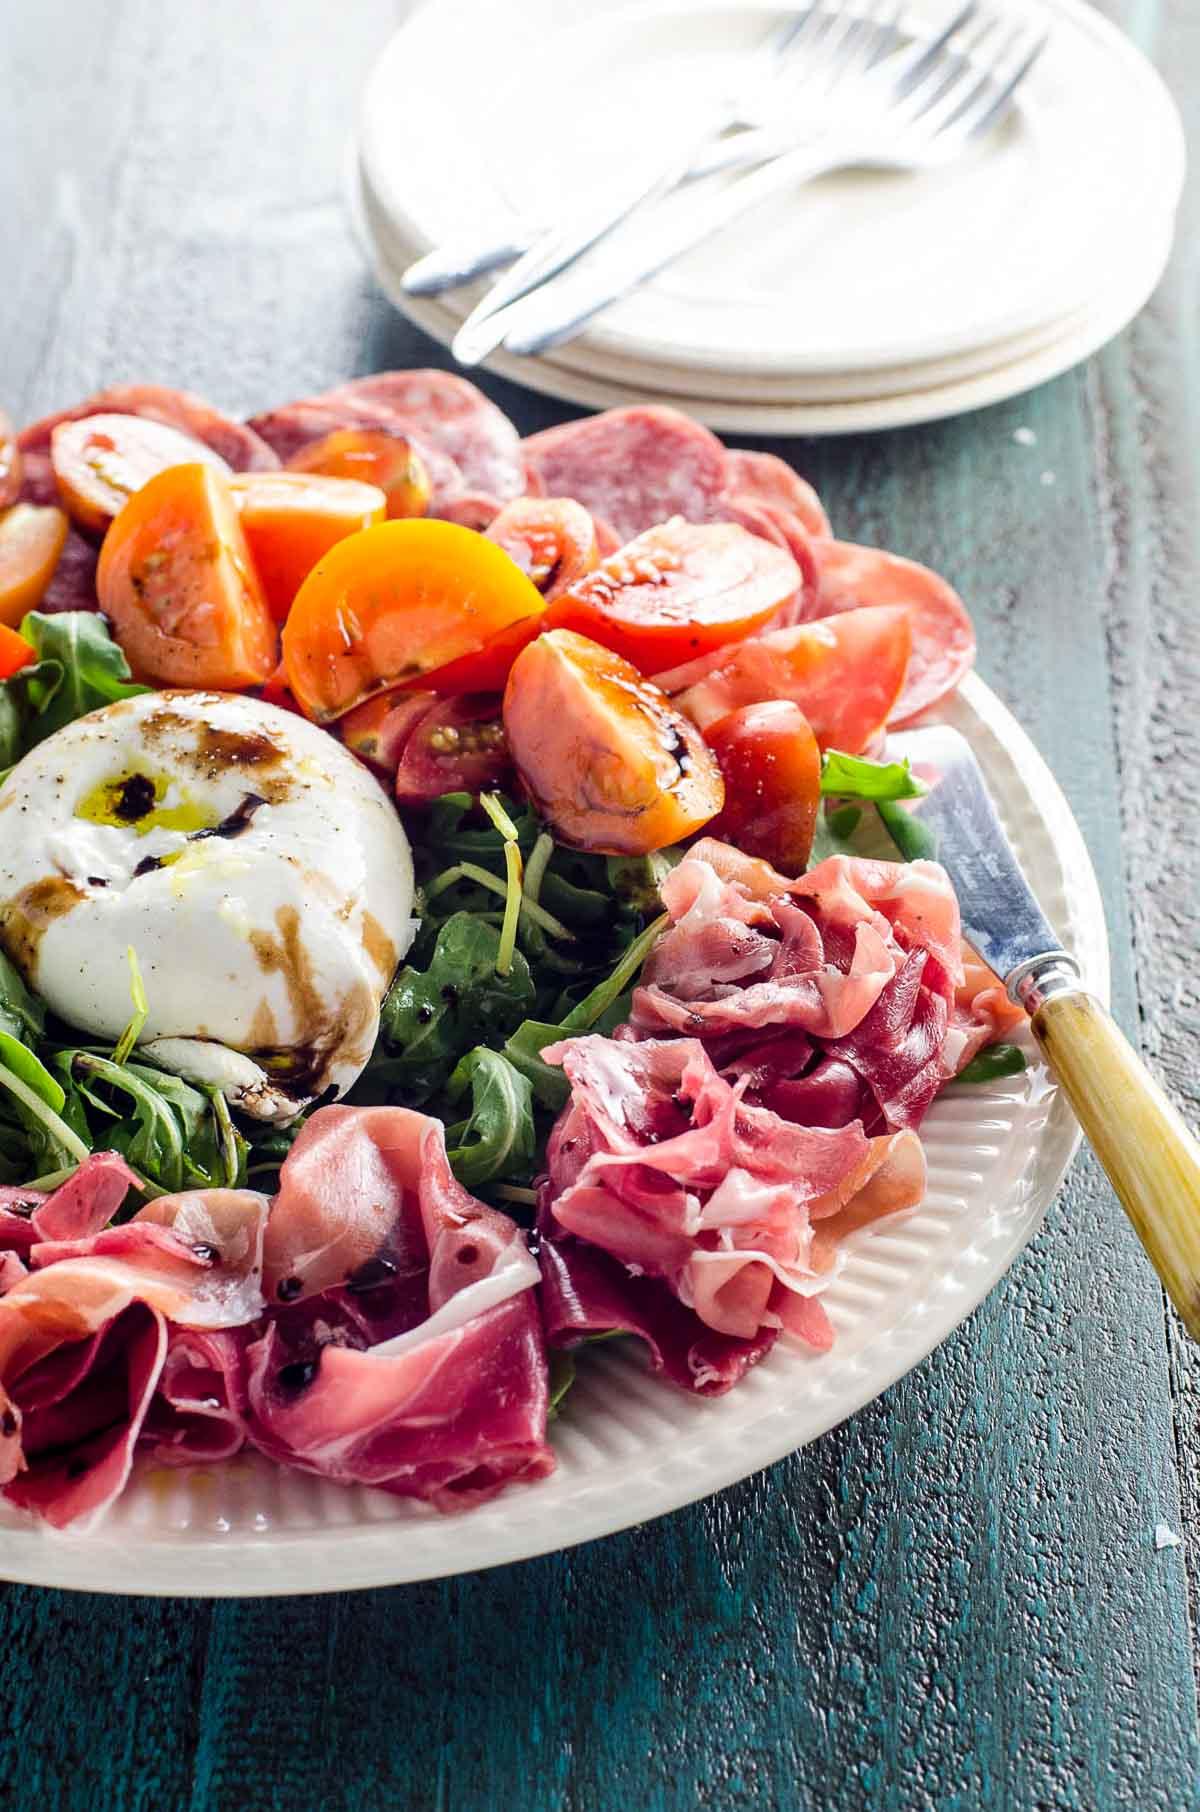 burrata platter with soppressata, prosciutto, arugula, tomatoes, olive oil, balsamic glaze, and flaky salt